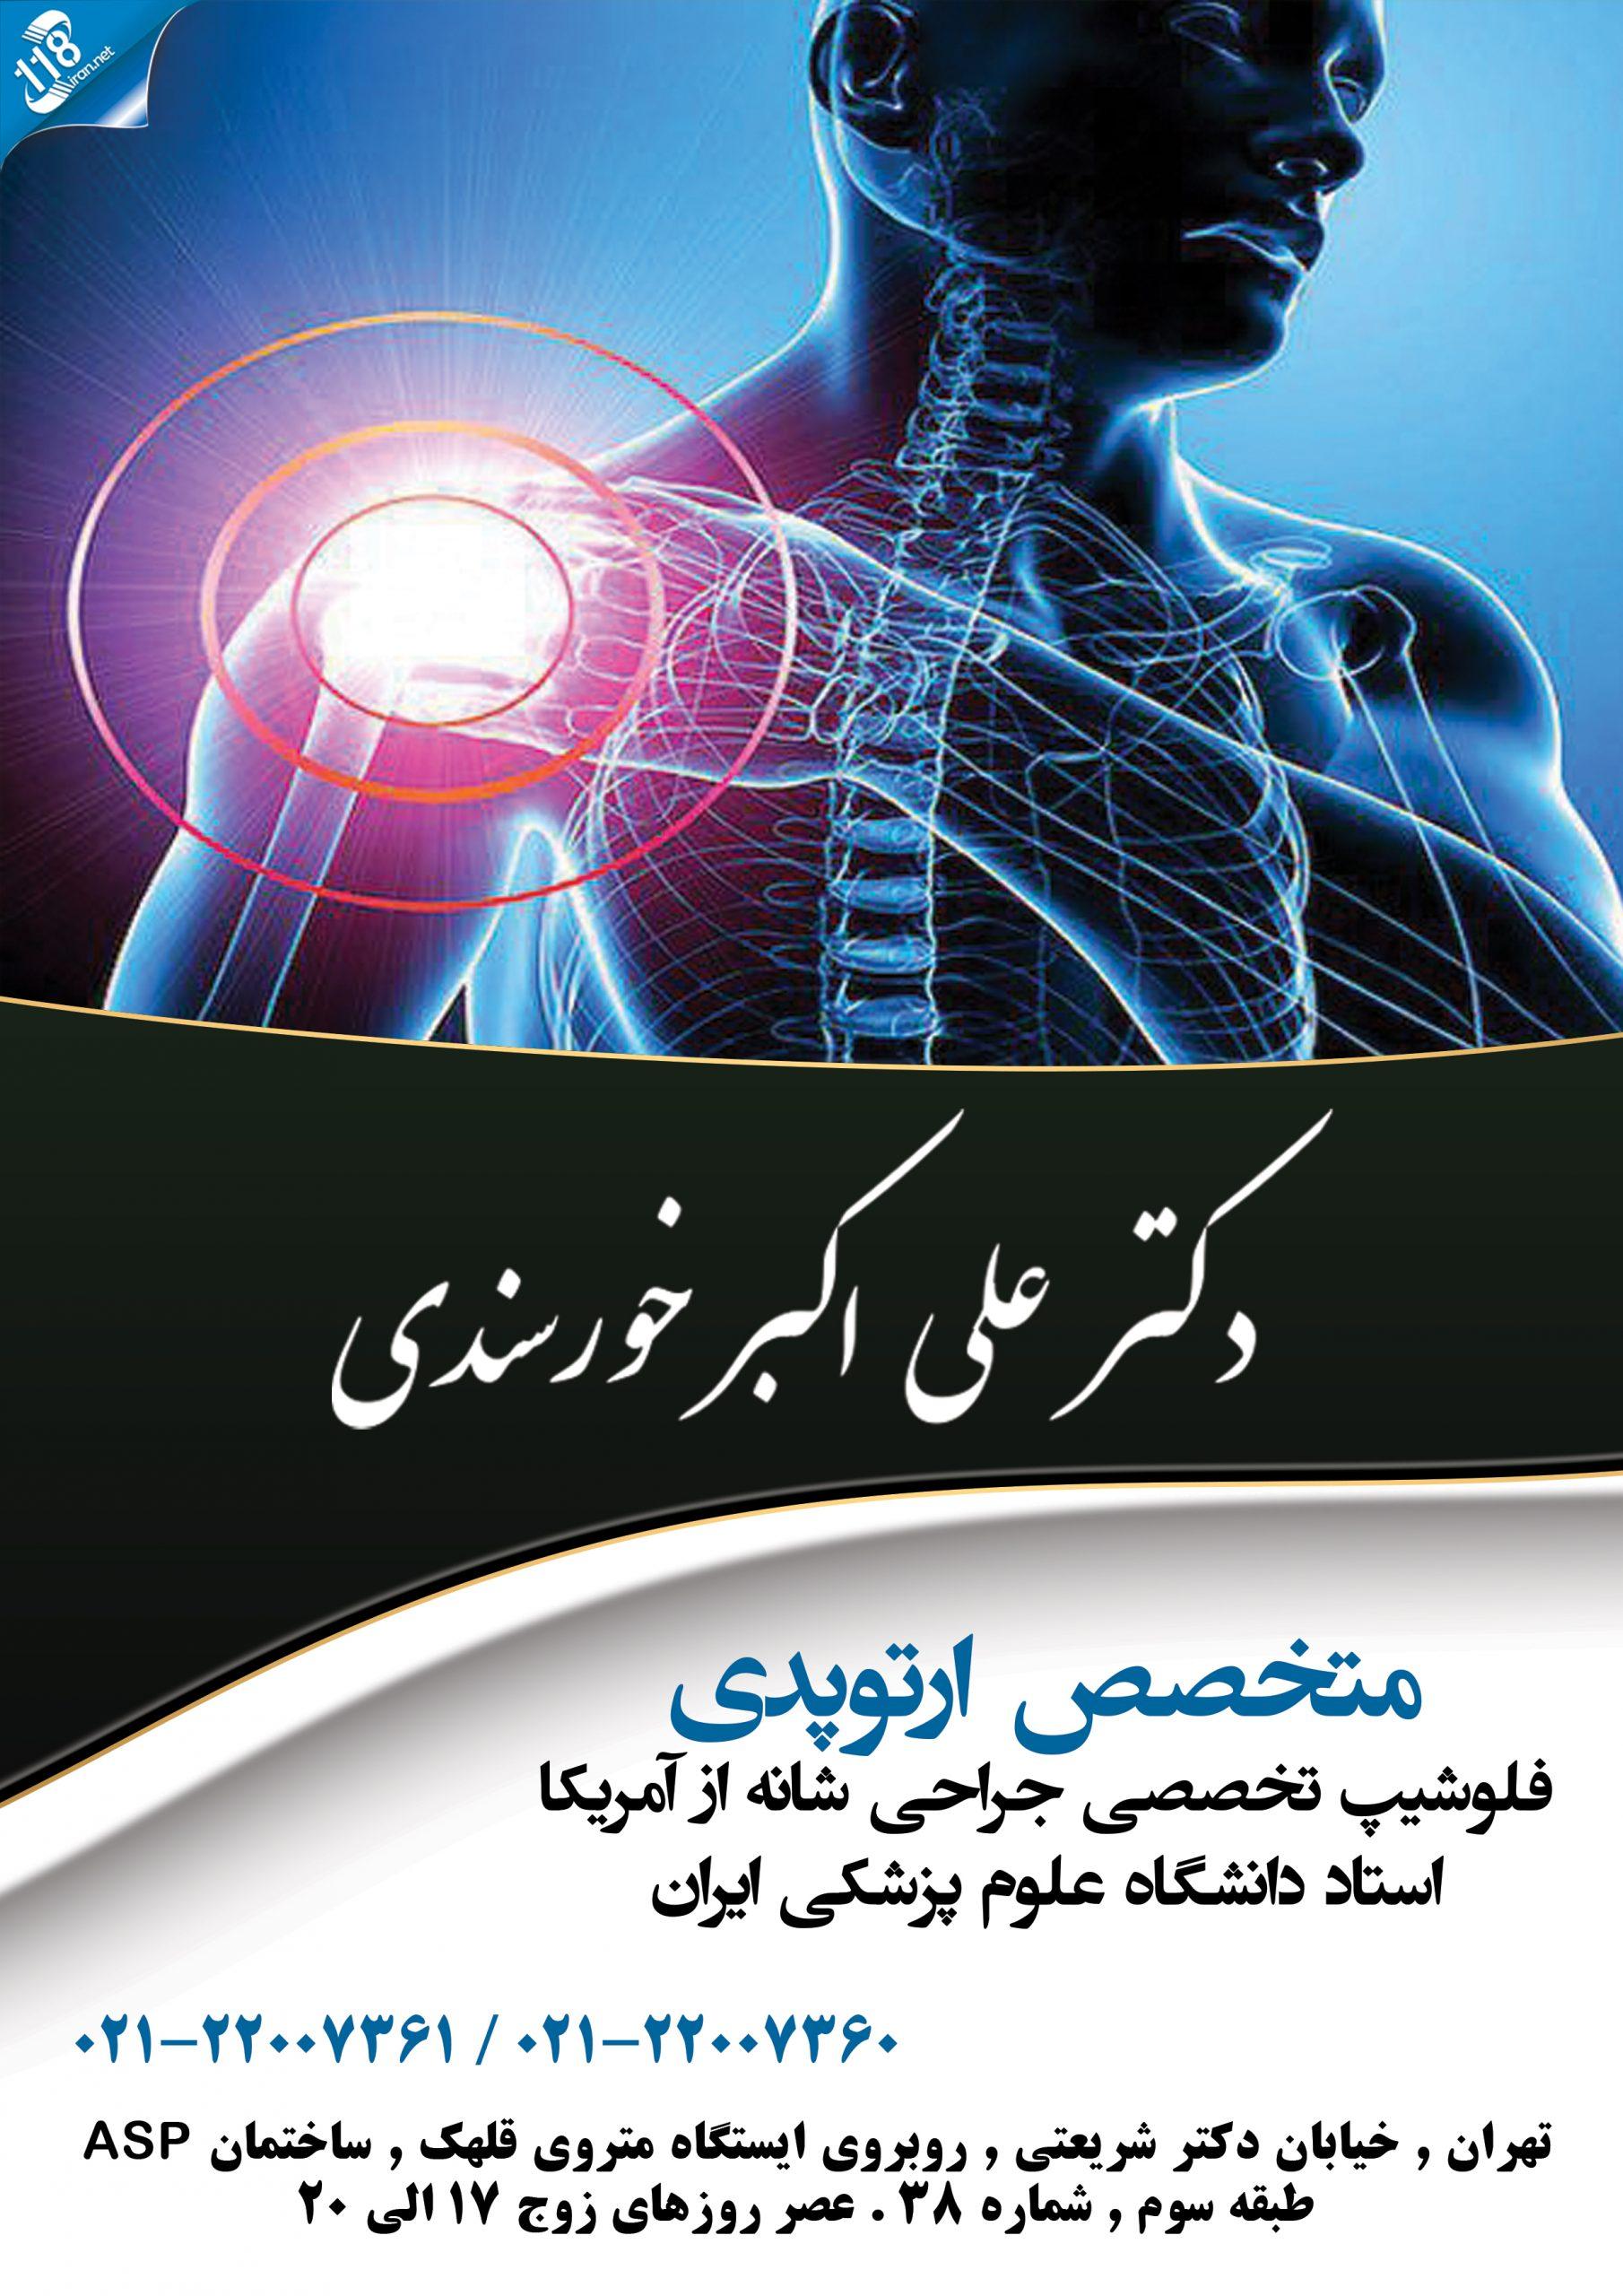 دکتر علی اکبر خورسندی در تهران